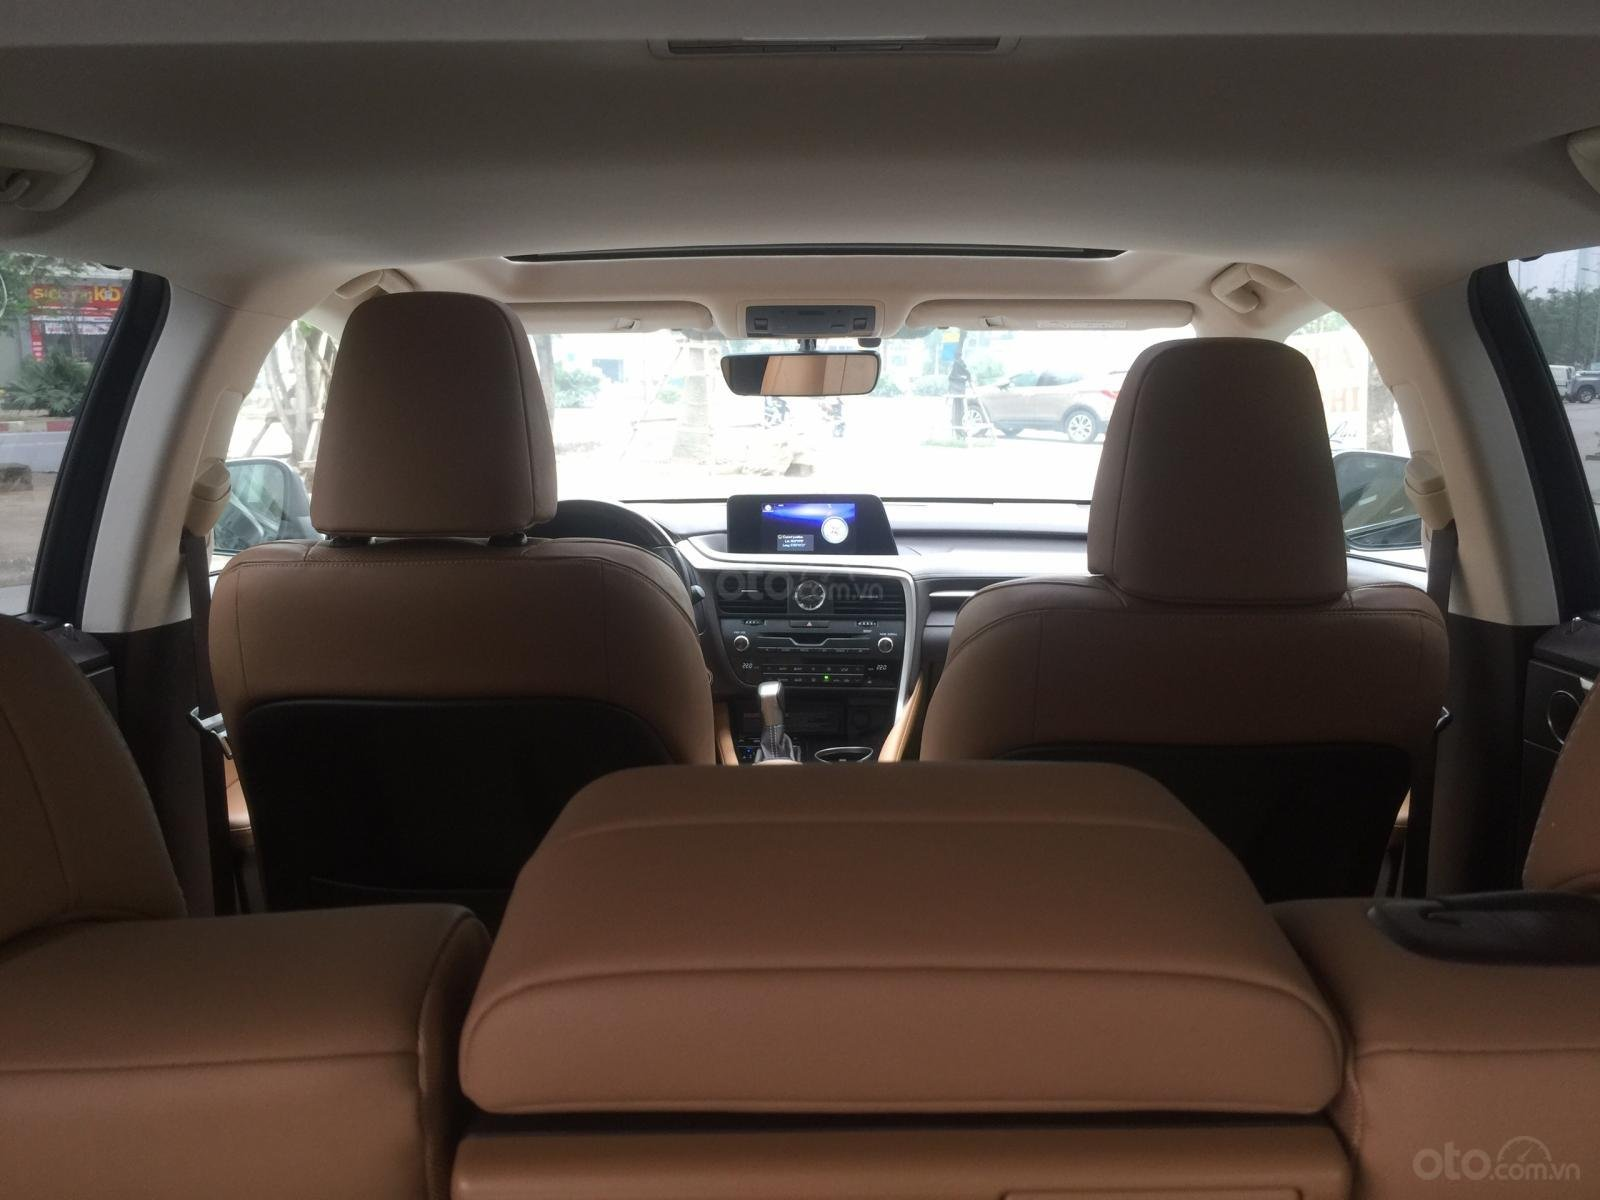 Bán Lexus Rx 200t sản xuất năm 2016, màu đen, xe nhập chính hãng, Lh em Hương 0945392468-9